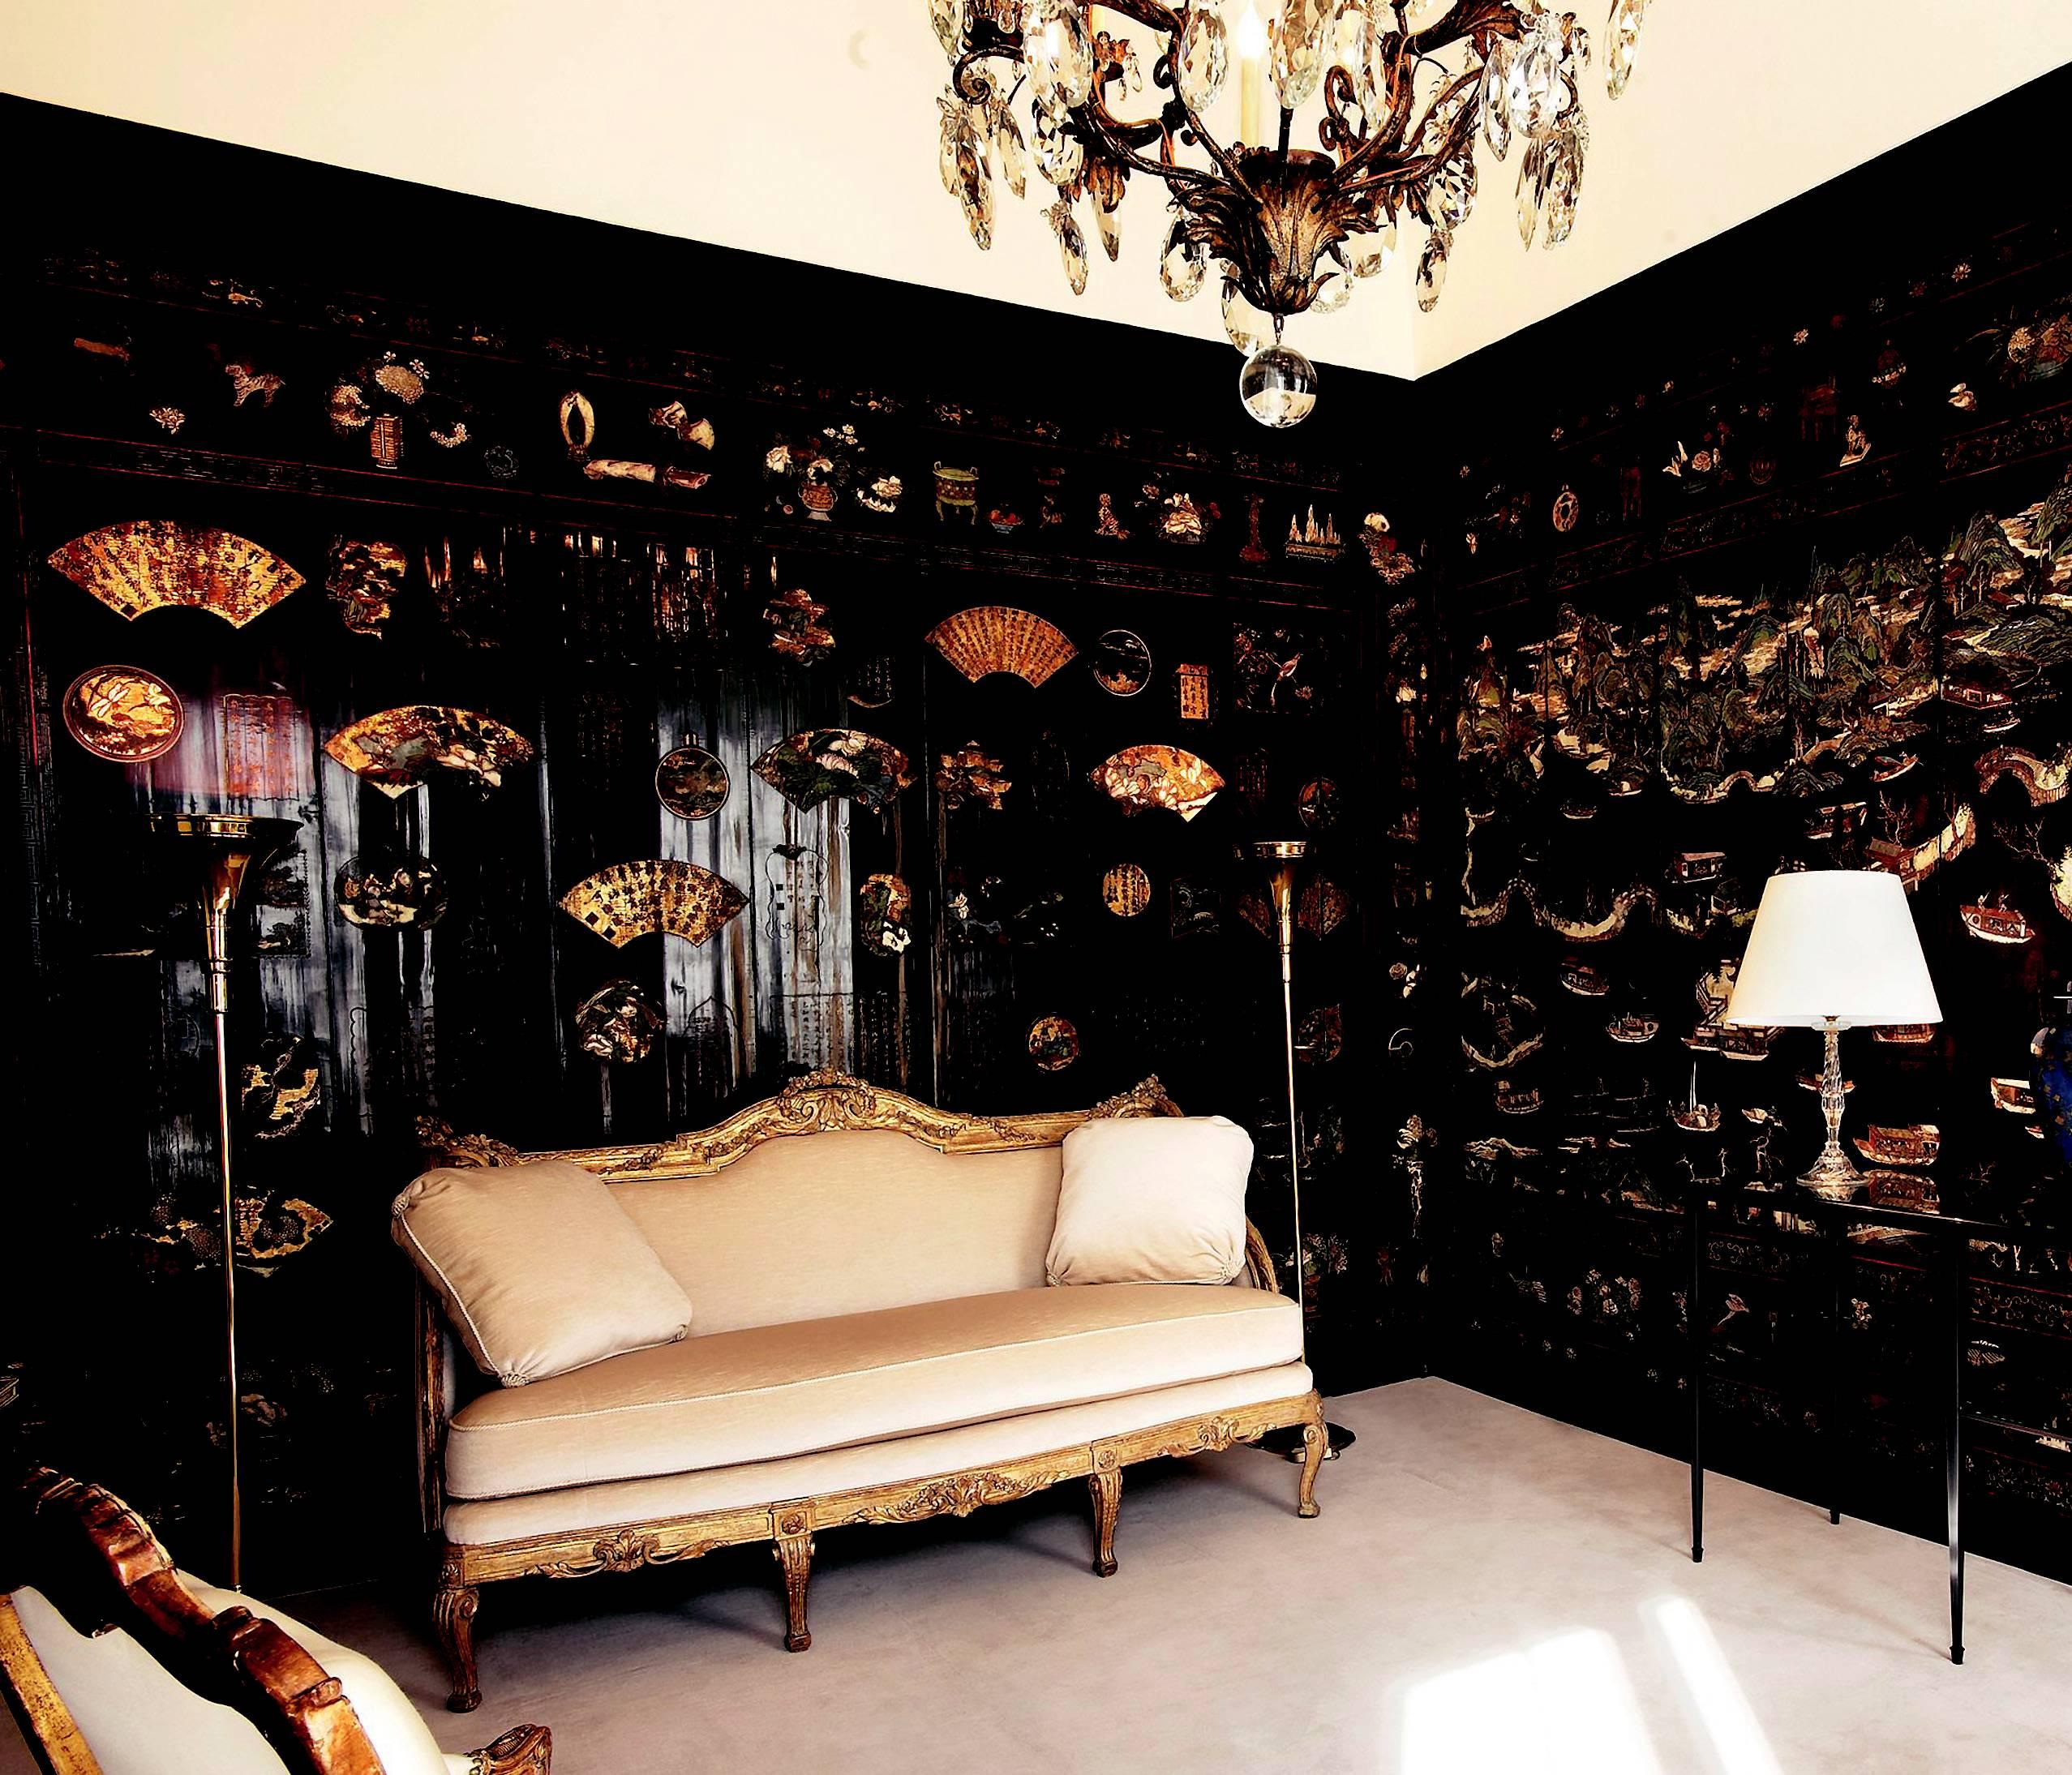 Coco Chanel & Căn hộ mang màu sắc Á Đông (Phần 1)